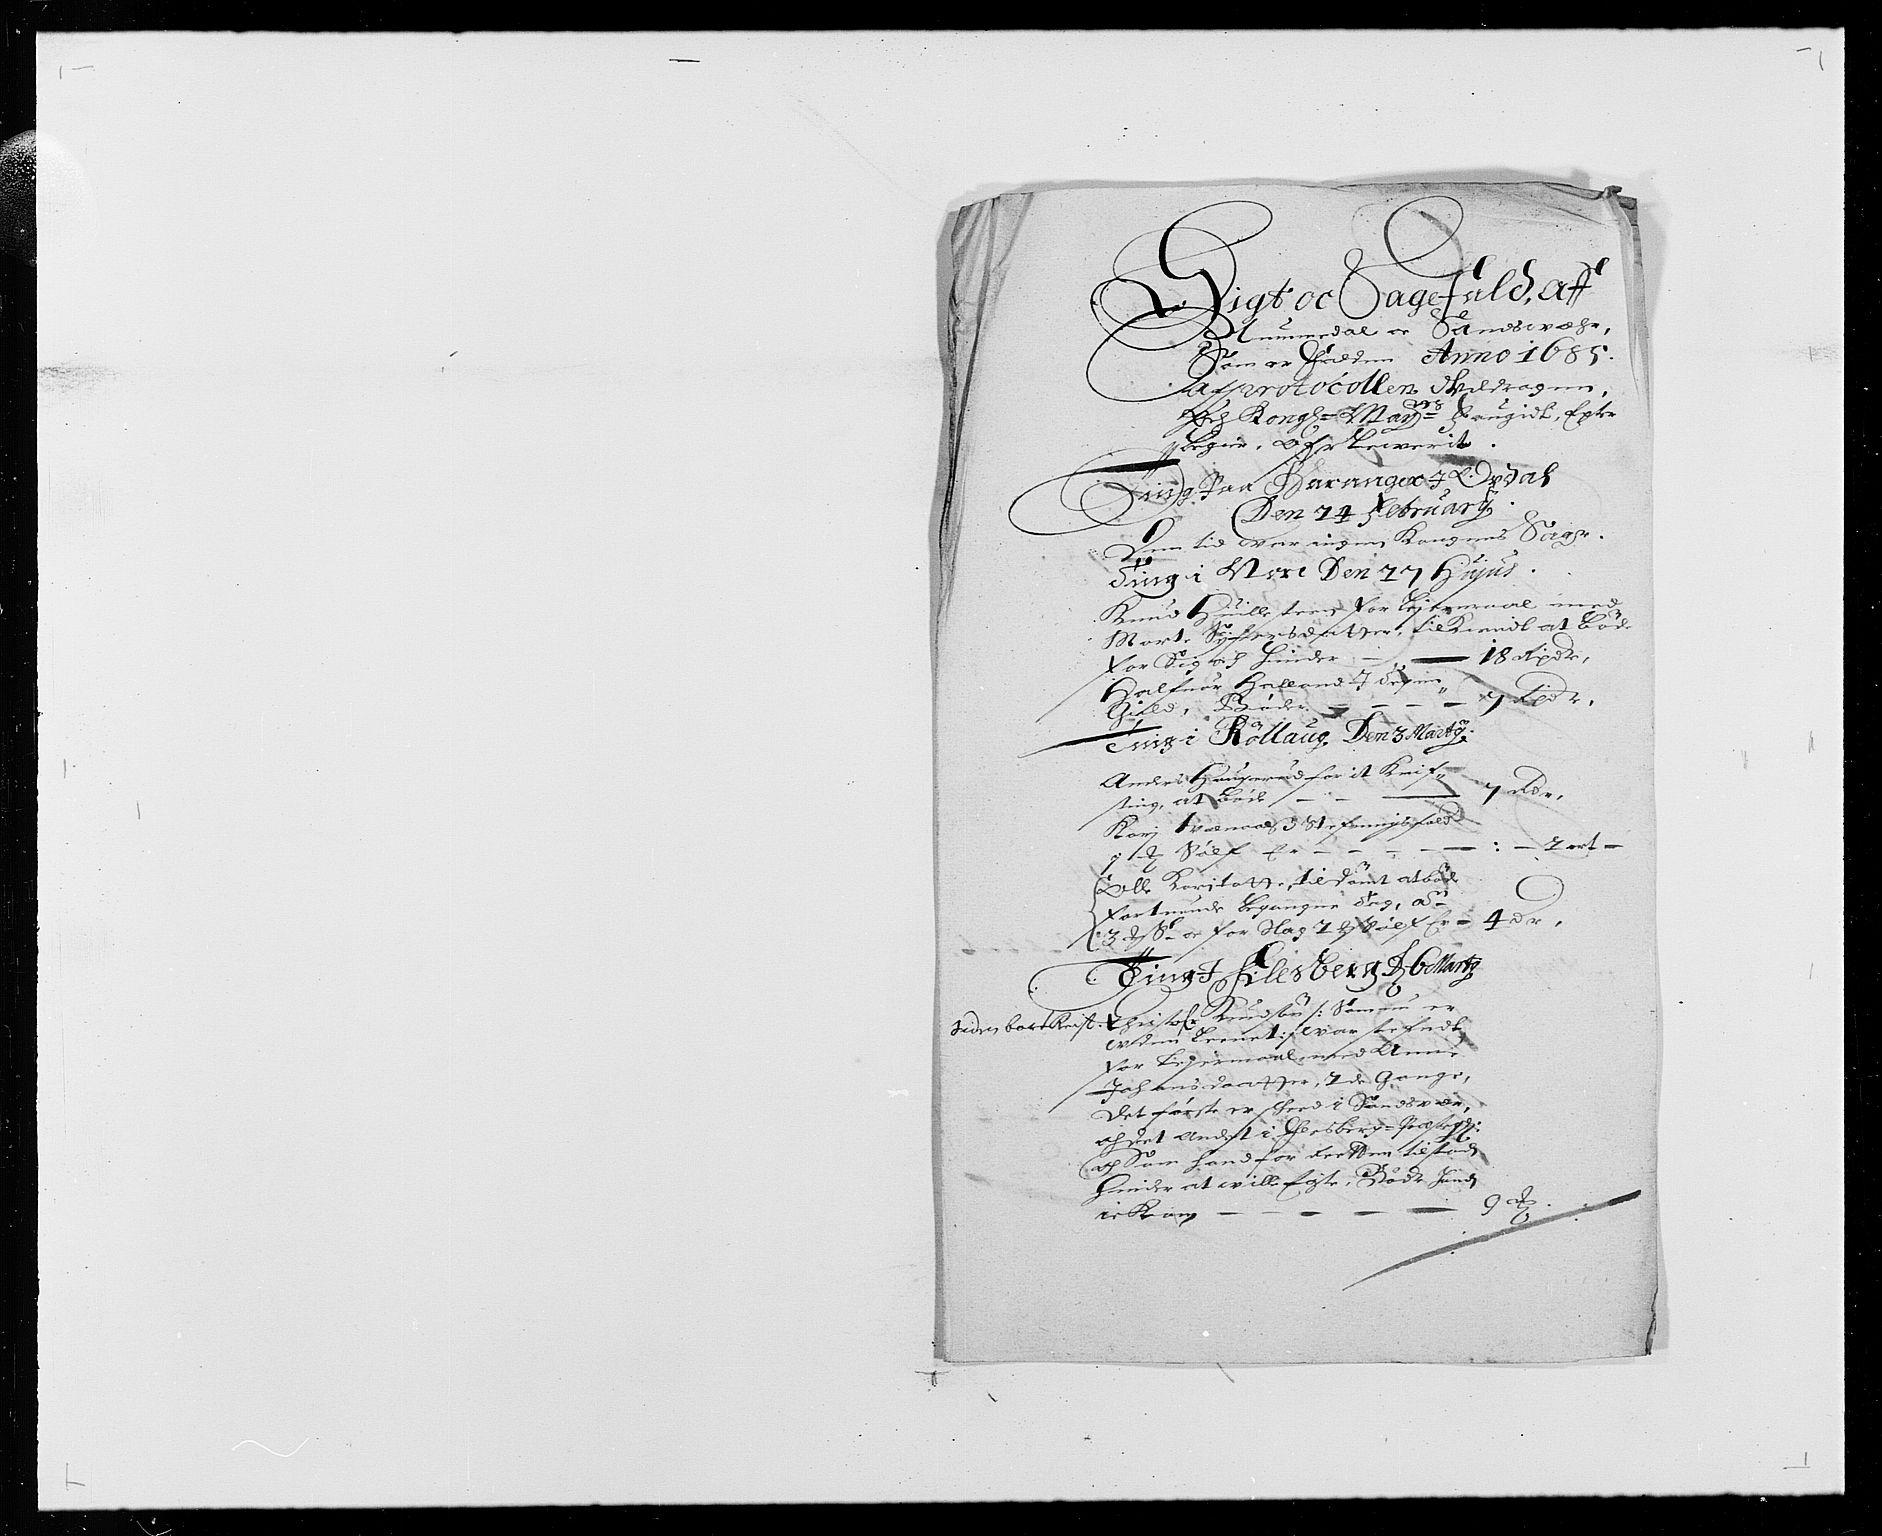 RA, Rentekammeret inntil 1814, Reviderte regnskaper, Fogderegnskap, R24/L1571: Fogderegnskap Numedal og Sandsvær, 1679-1686, s. 256